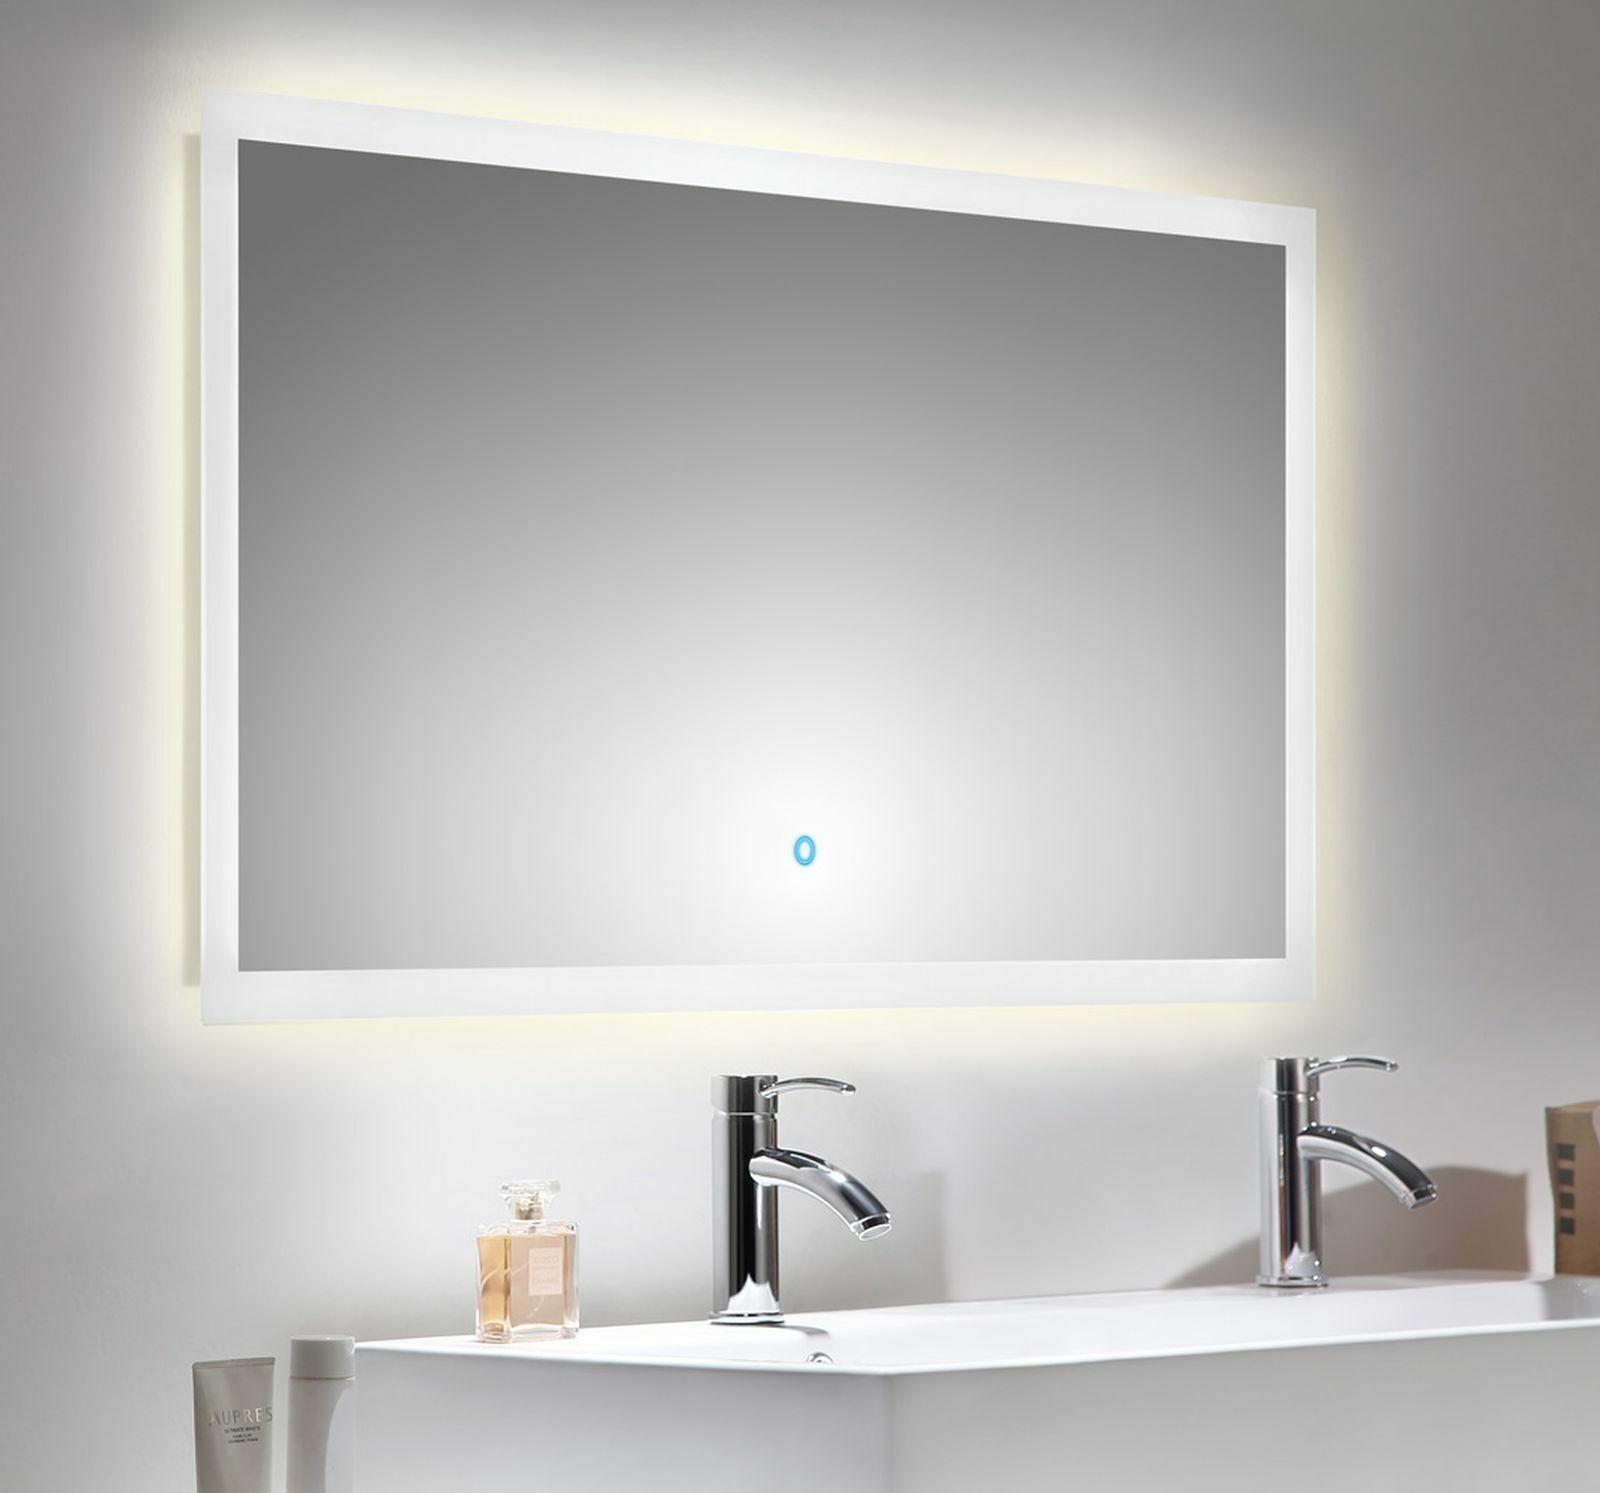 LED Badezimmer Spiegel EMOTION 120 x 65 cm Touch Bedienung 34 Watt ...